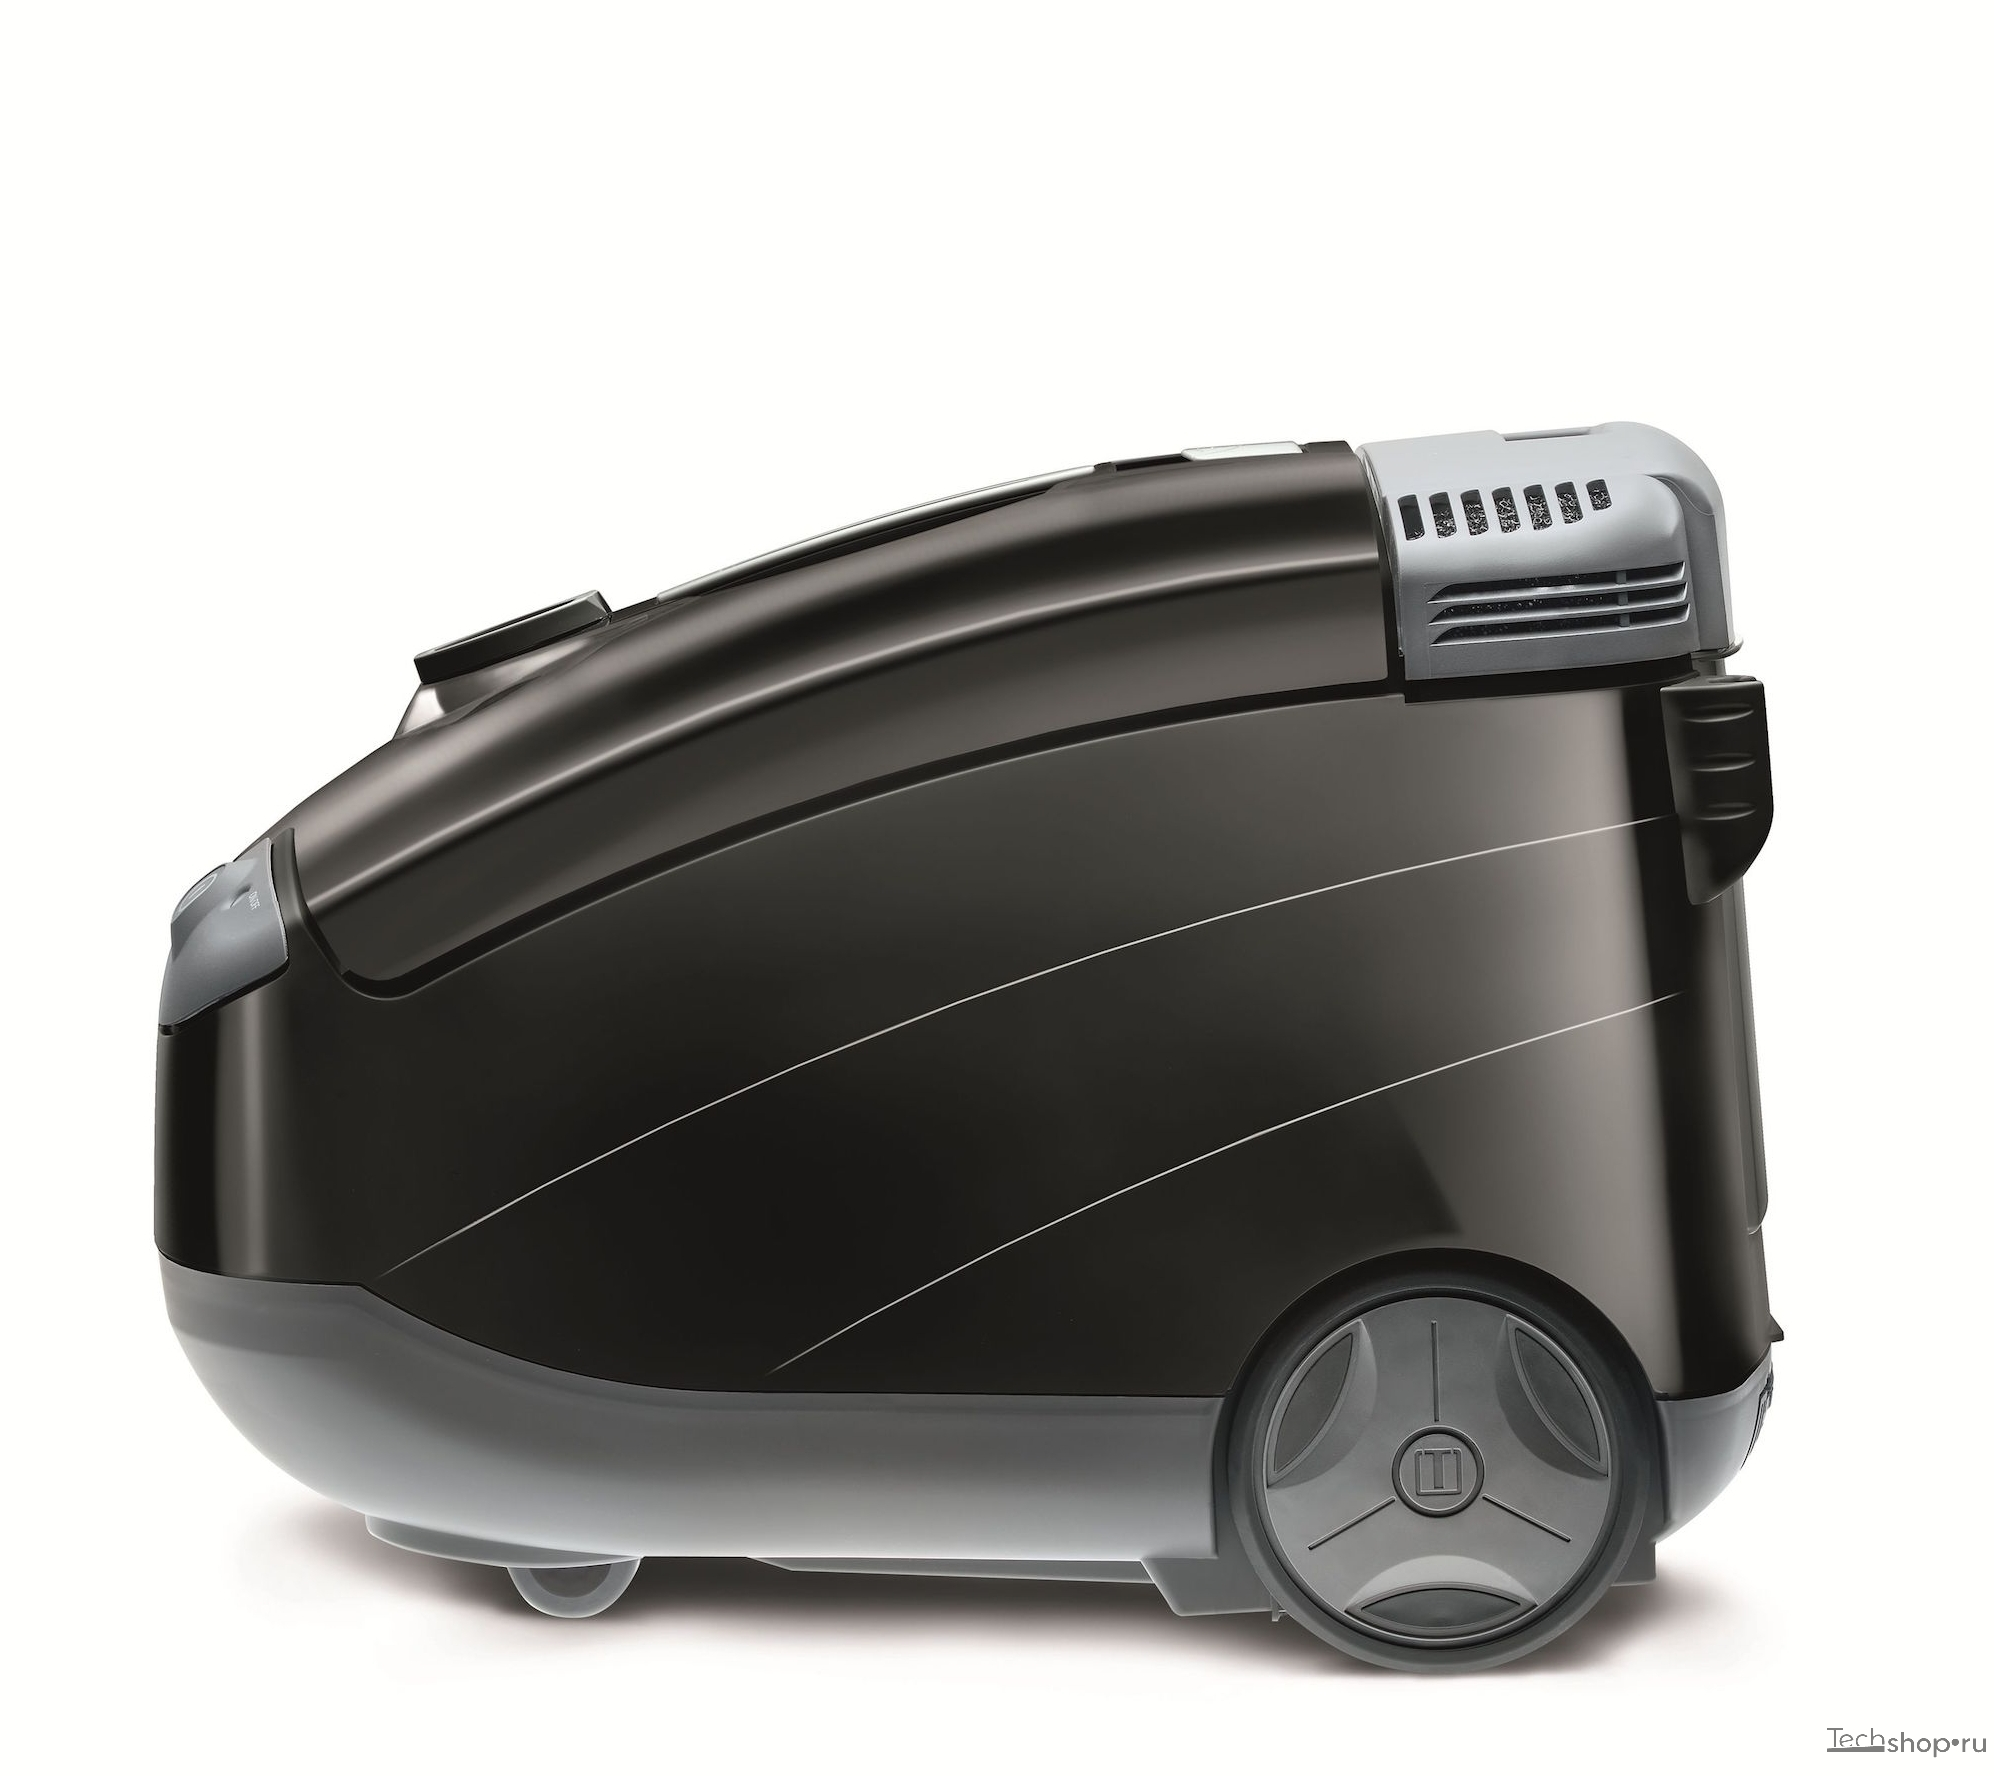 Моющий пылесос томас с аквафильтром: как собирать и пользоваться, обзор моделей и отзывы покупателей